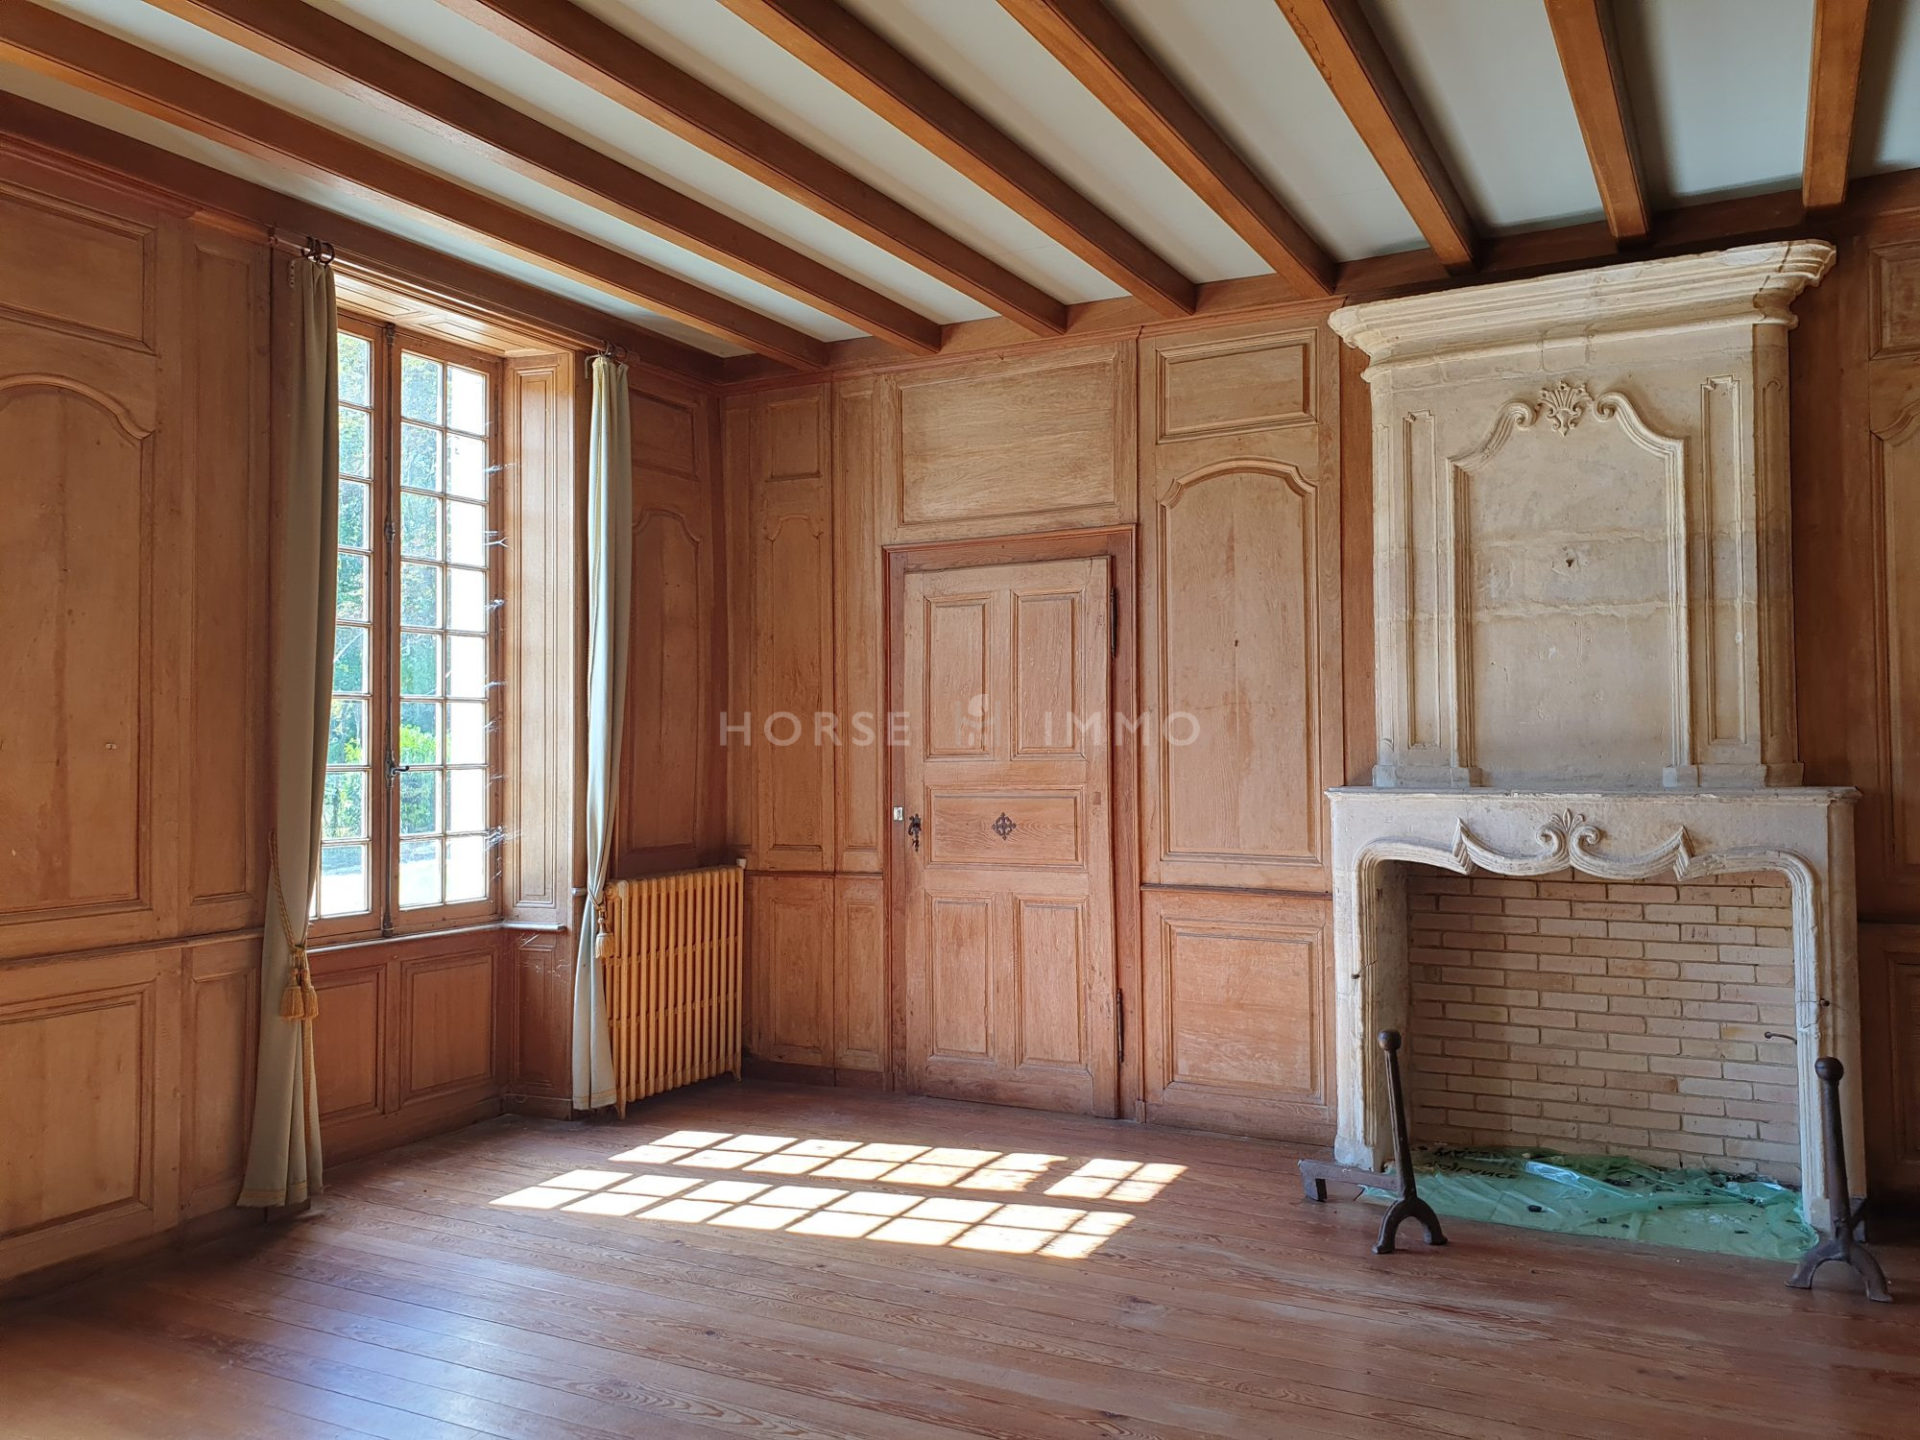 1614337716 VM1666 9 original 1920x1440 - Château et ses 2 logements sur 30ha clos de murs